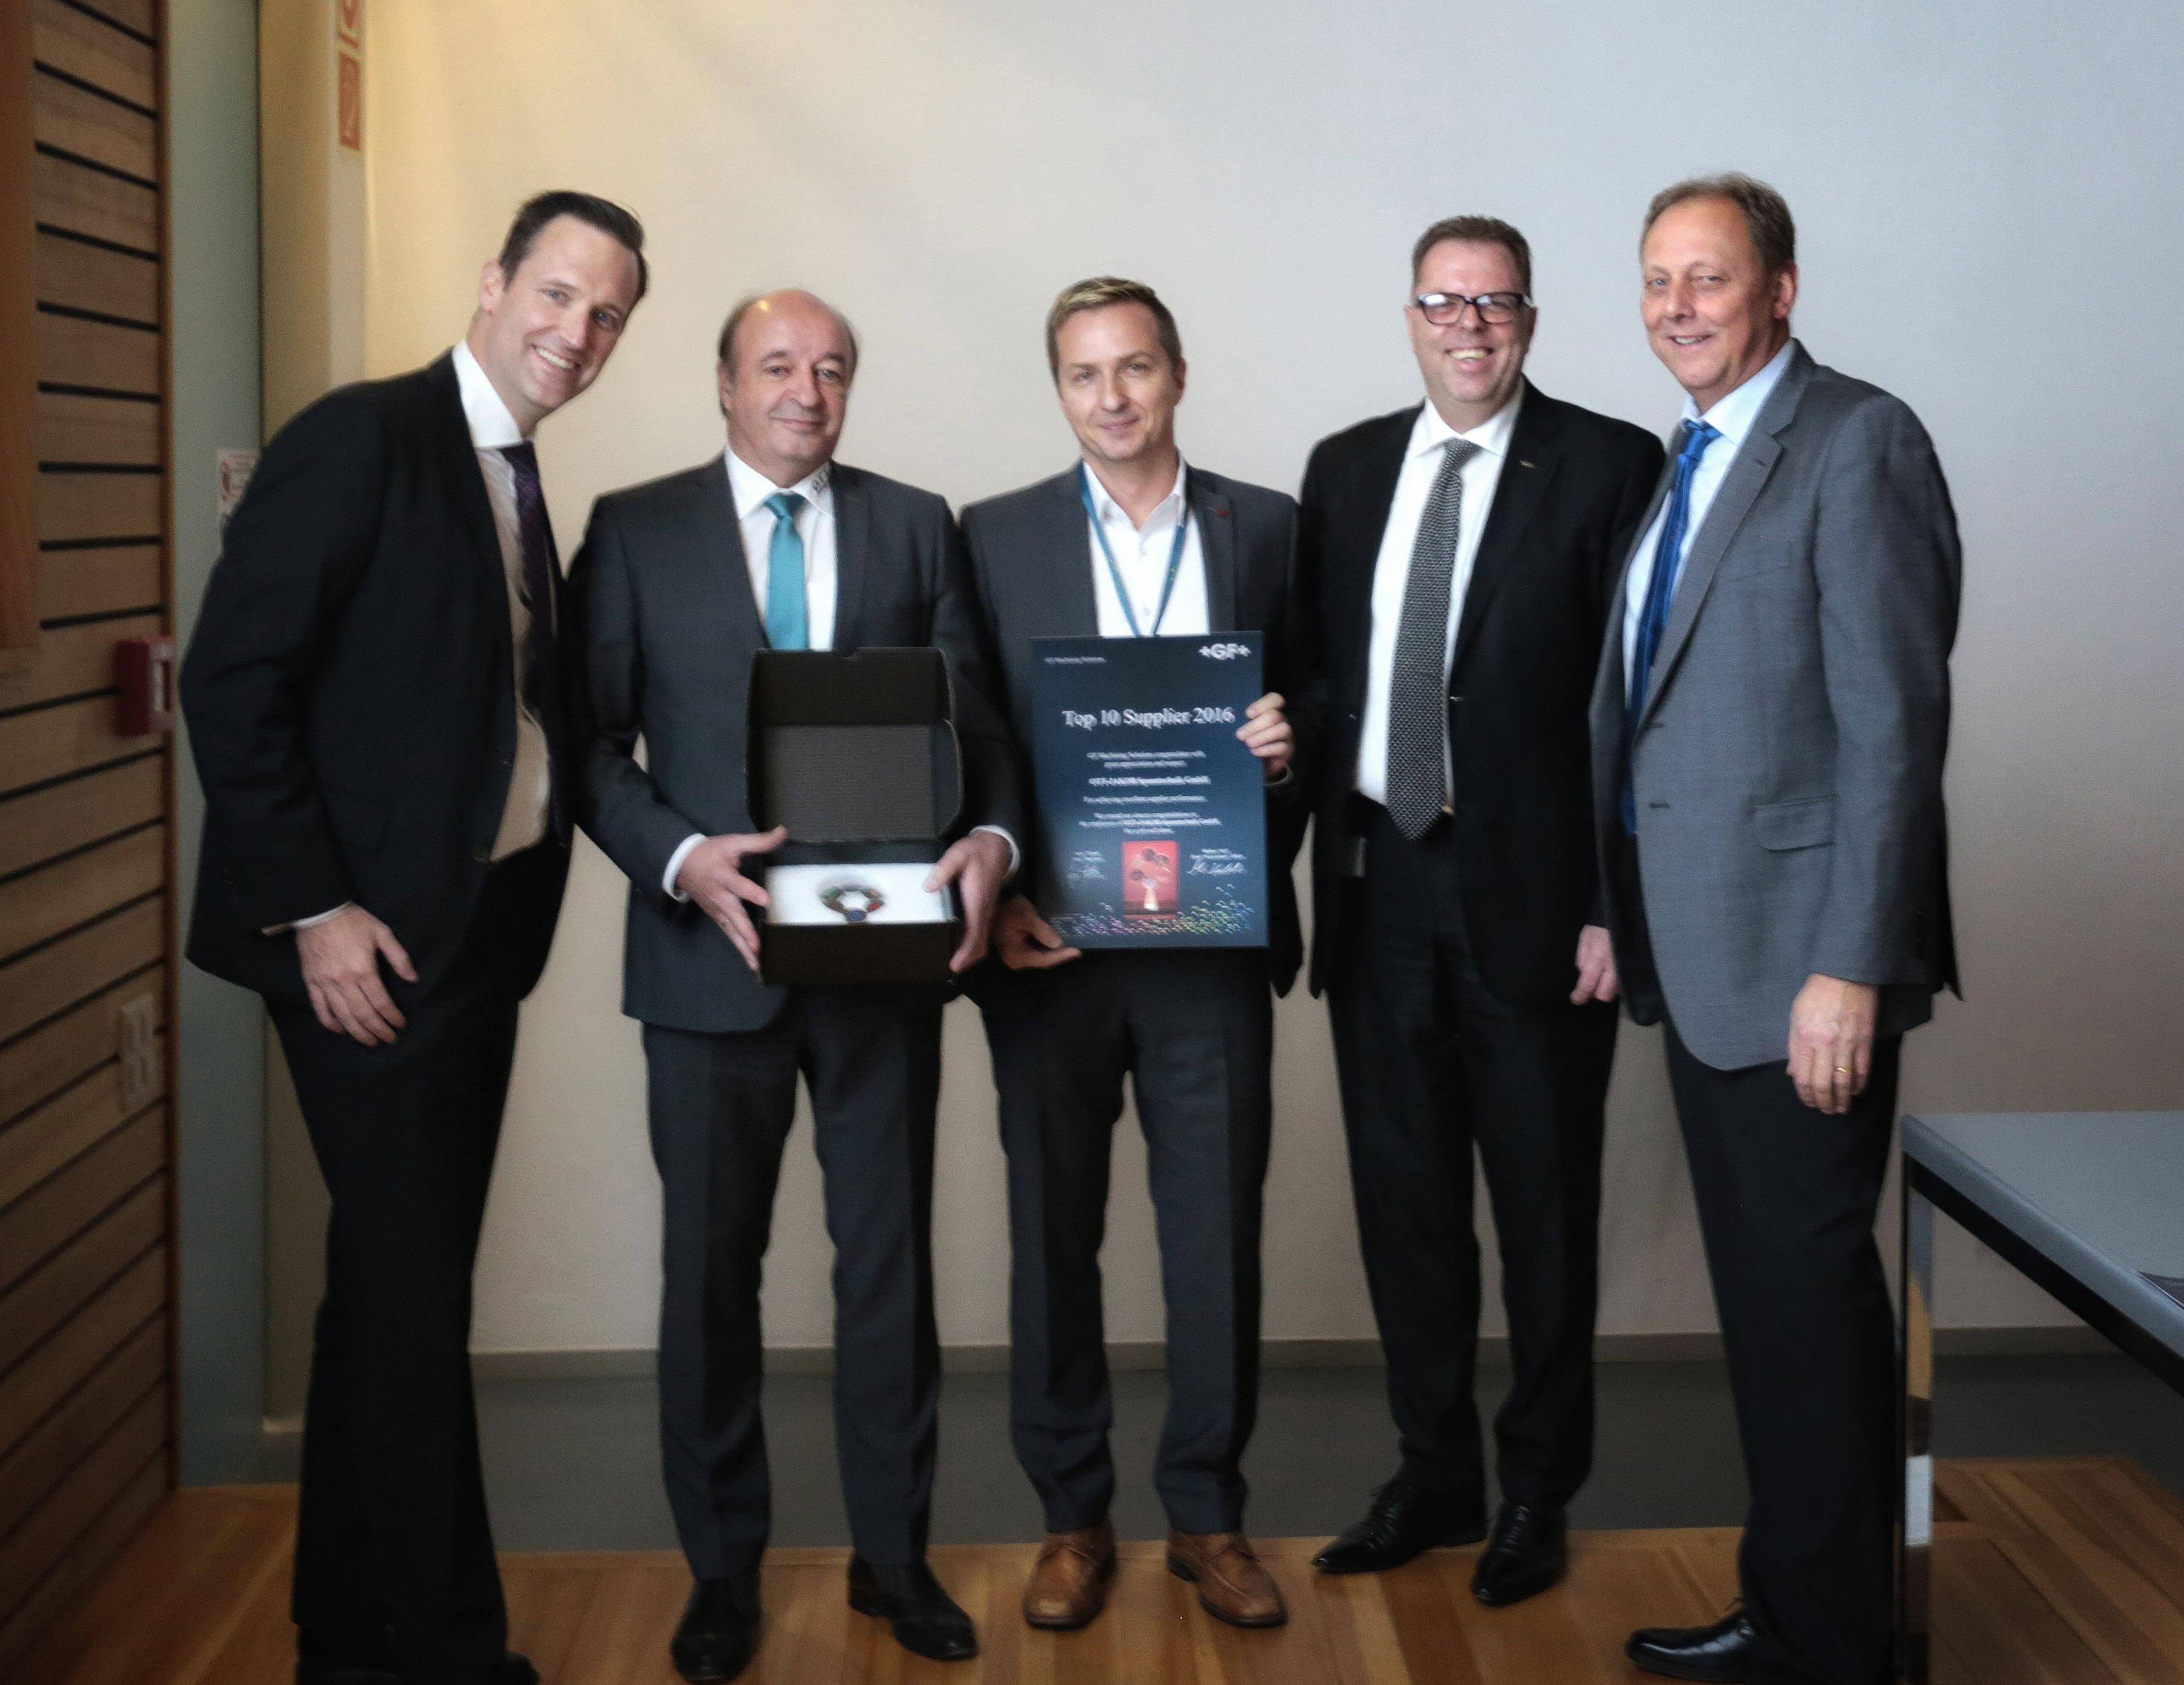 Ott Jakob - Unternehmen - Bild - Lieferanten-Auszeichnung für OTT-JAKOB